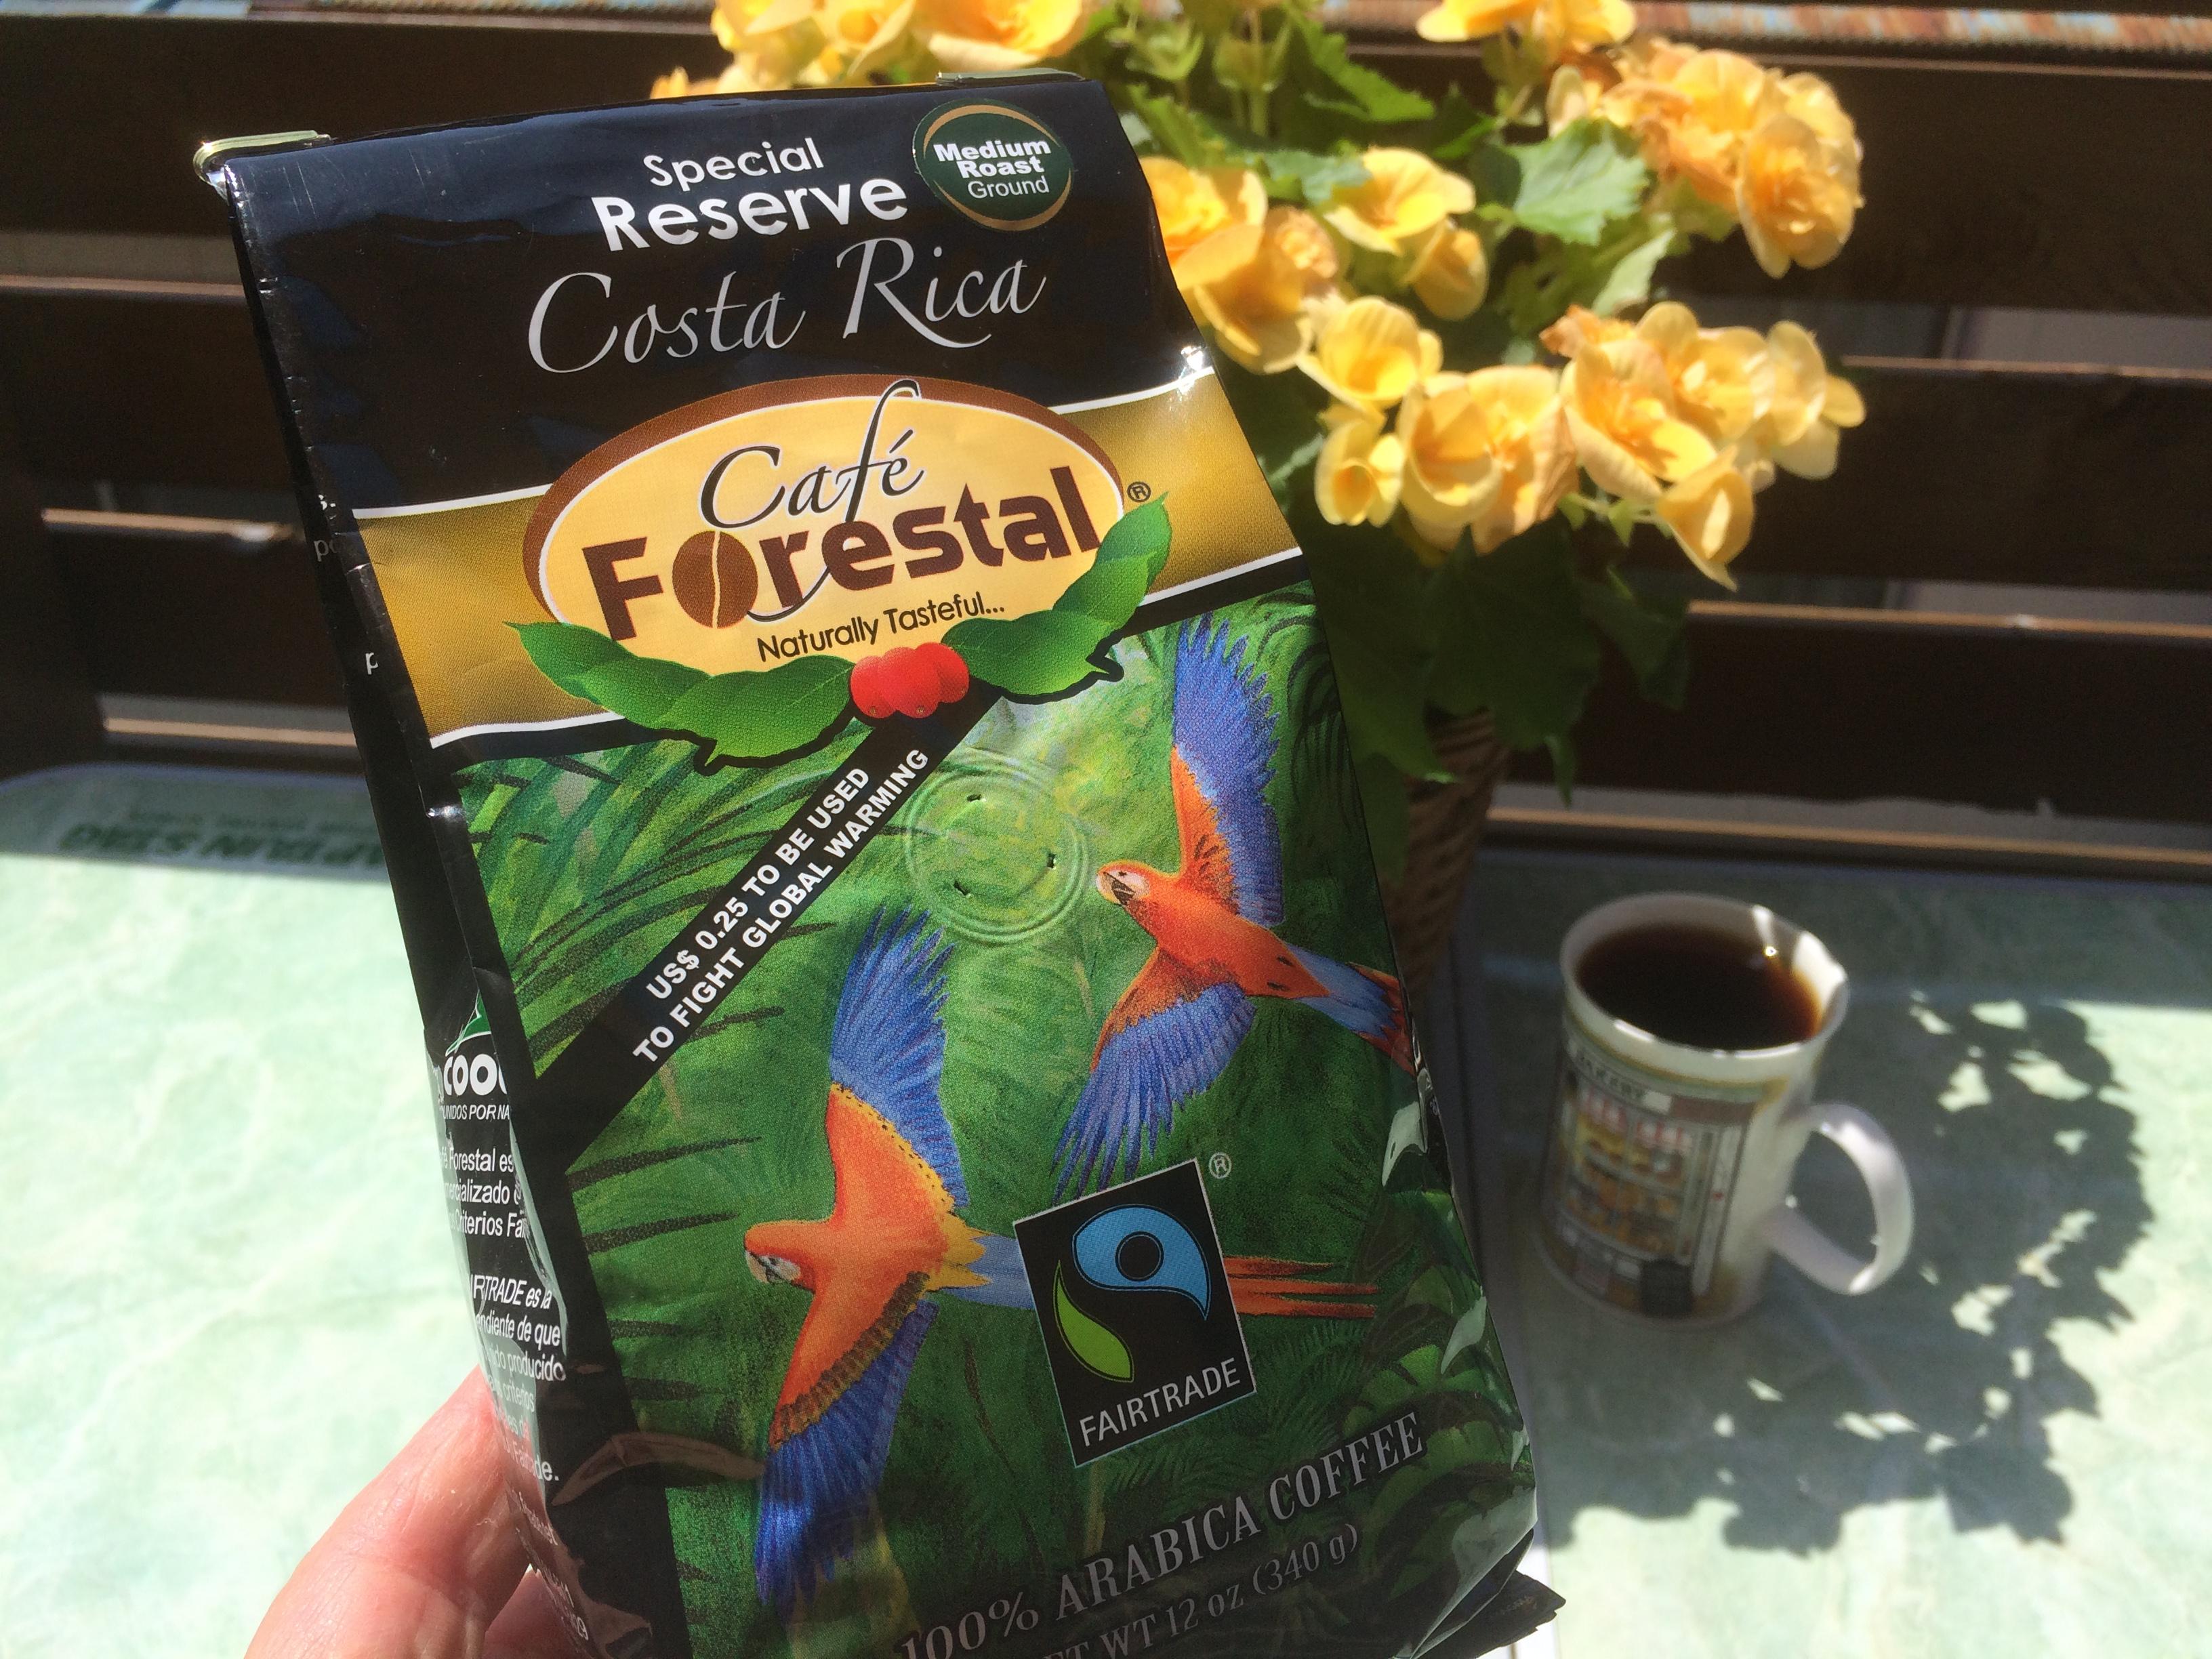 本日のコーヒー:カフェ・フォレスタル・スペシャル・リザーブ